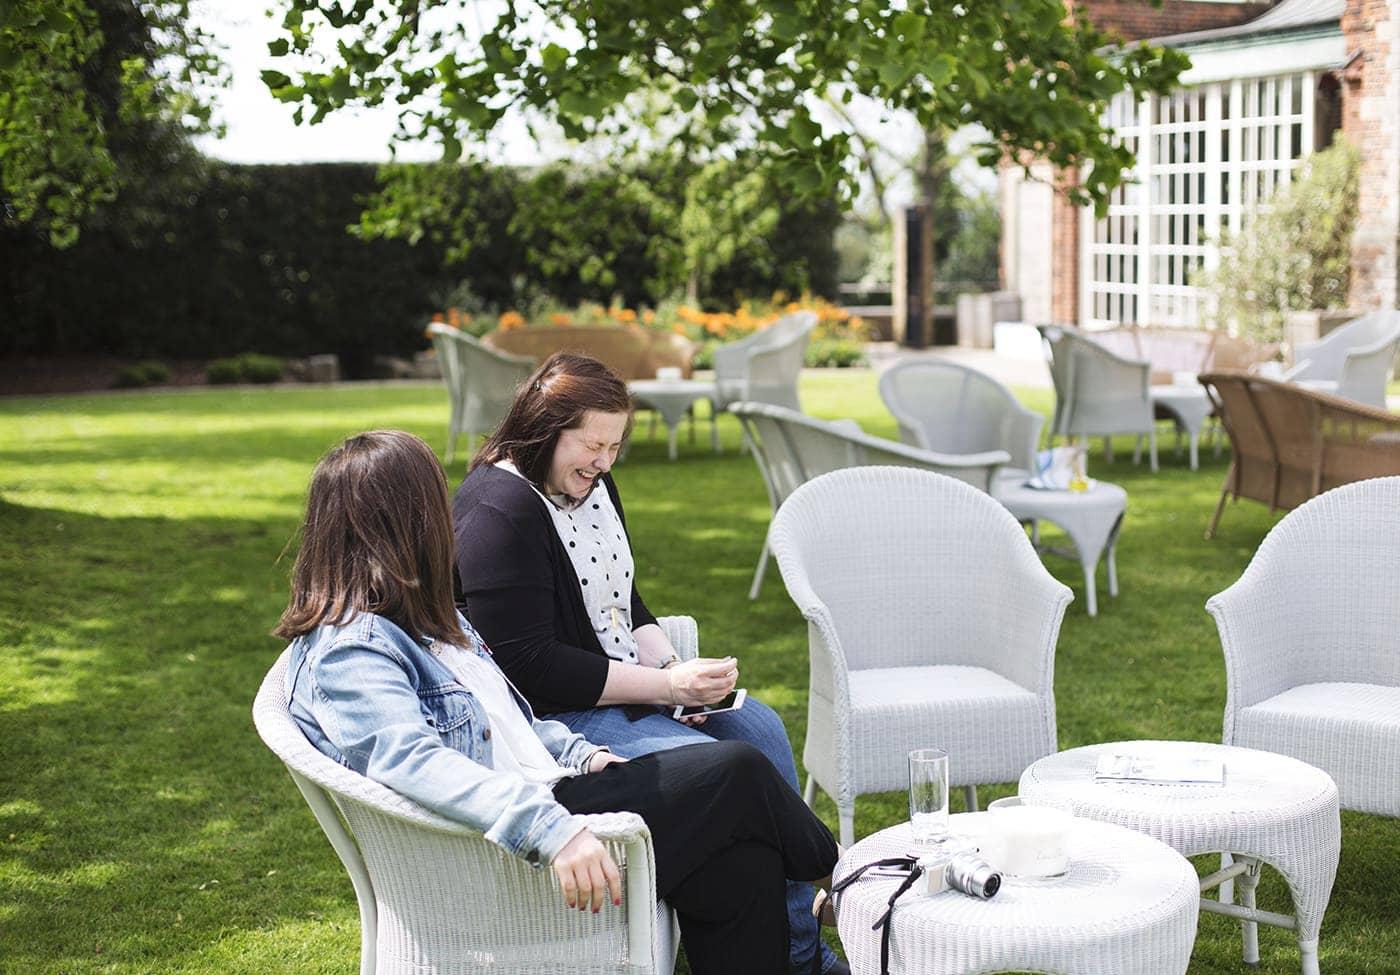 Jo Malone summer entertaining | Eltham palace grounds